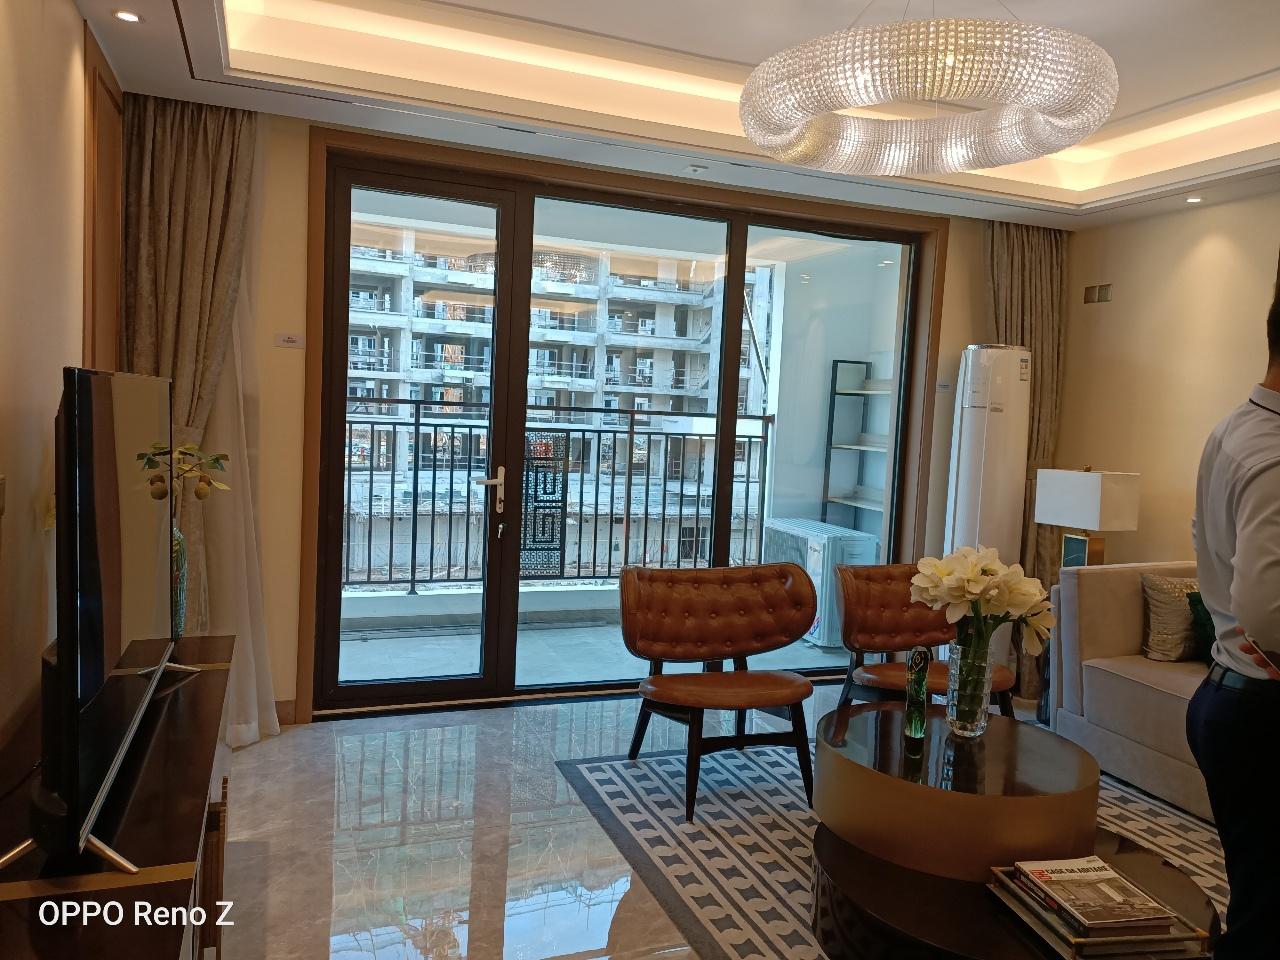 中南·熙悦4室 2厅 2卫87万元